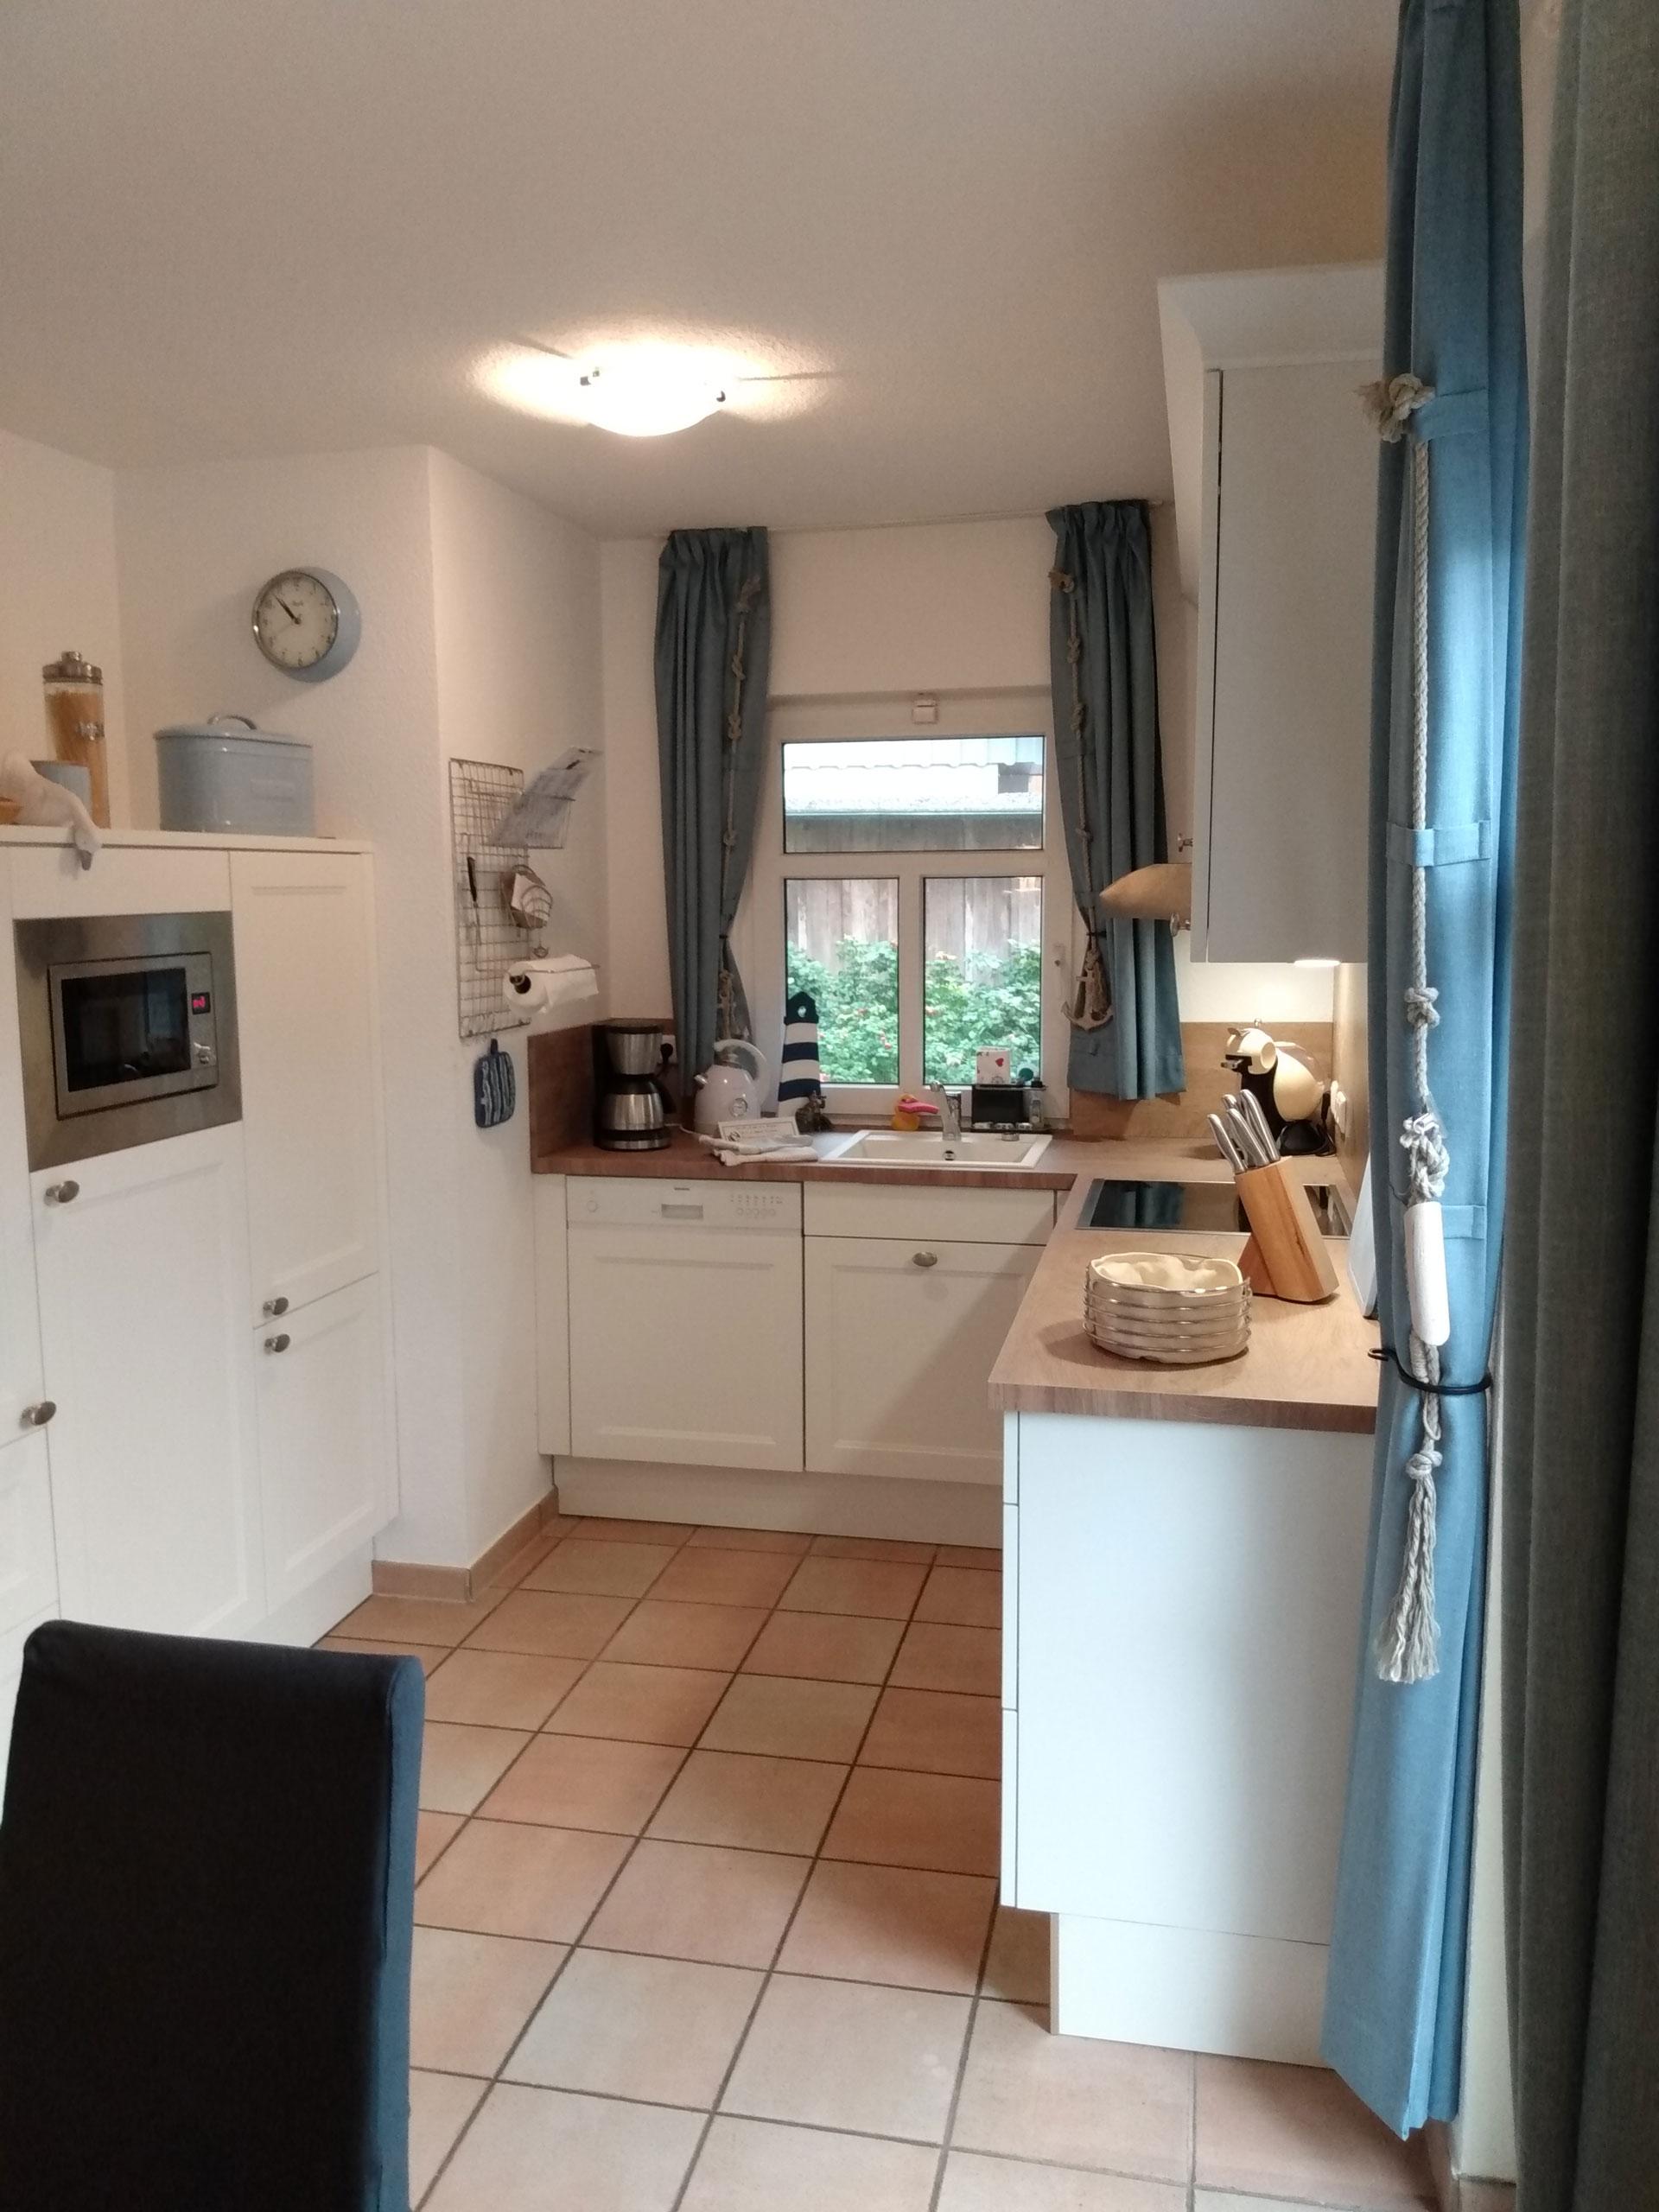 Ferienhaus Gulet mit neuer Einbauküche